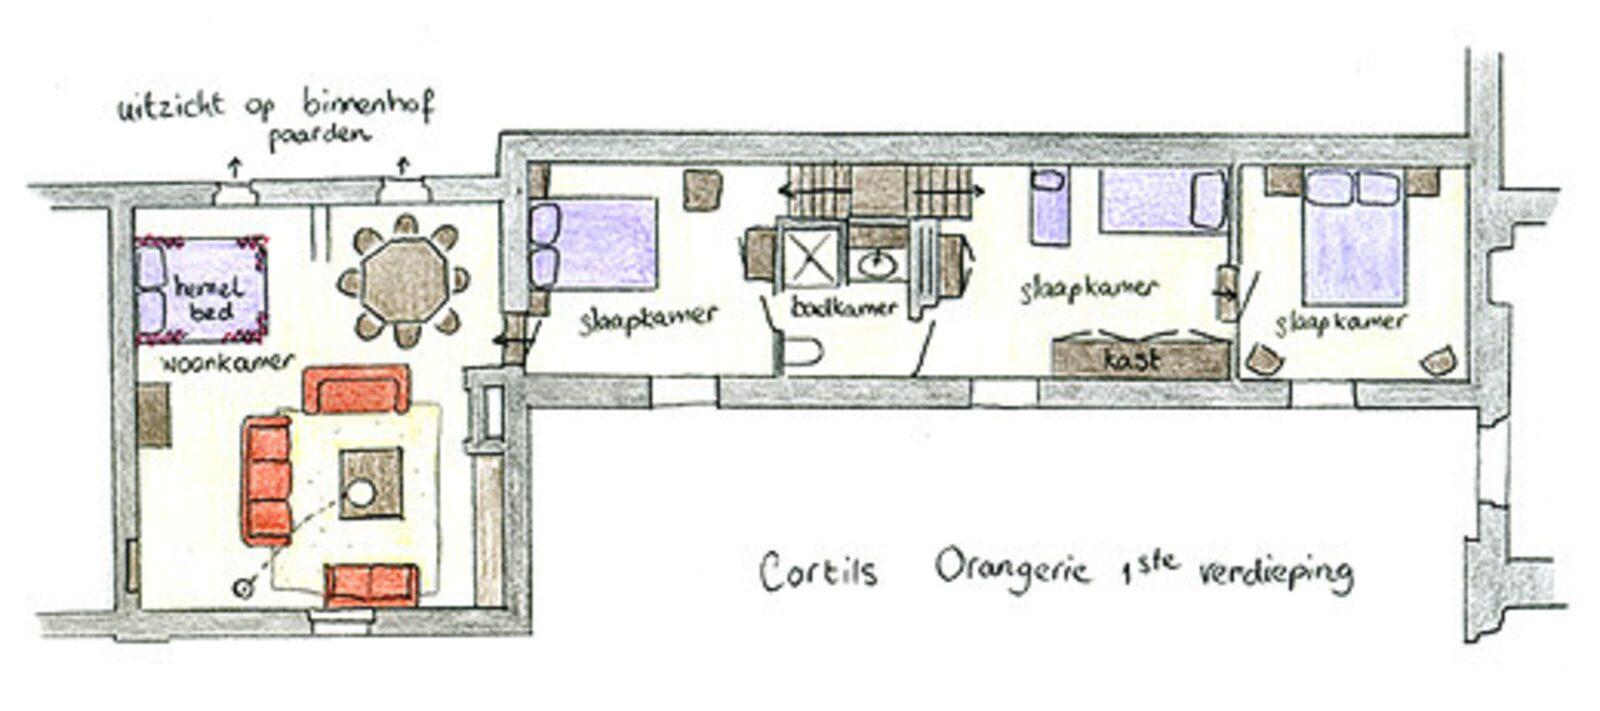 Chateau Cortils - Orangerie